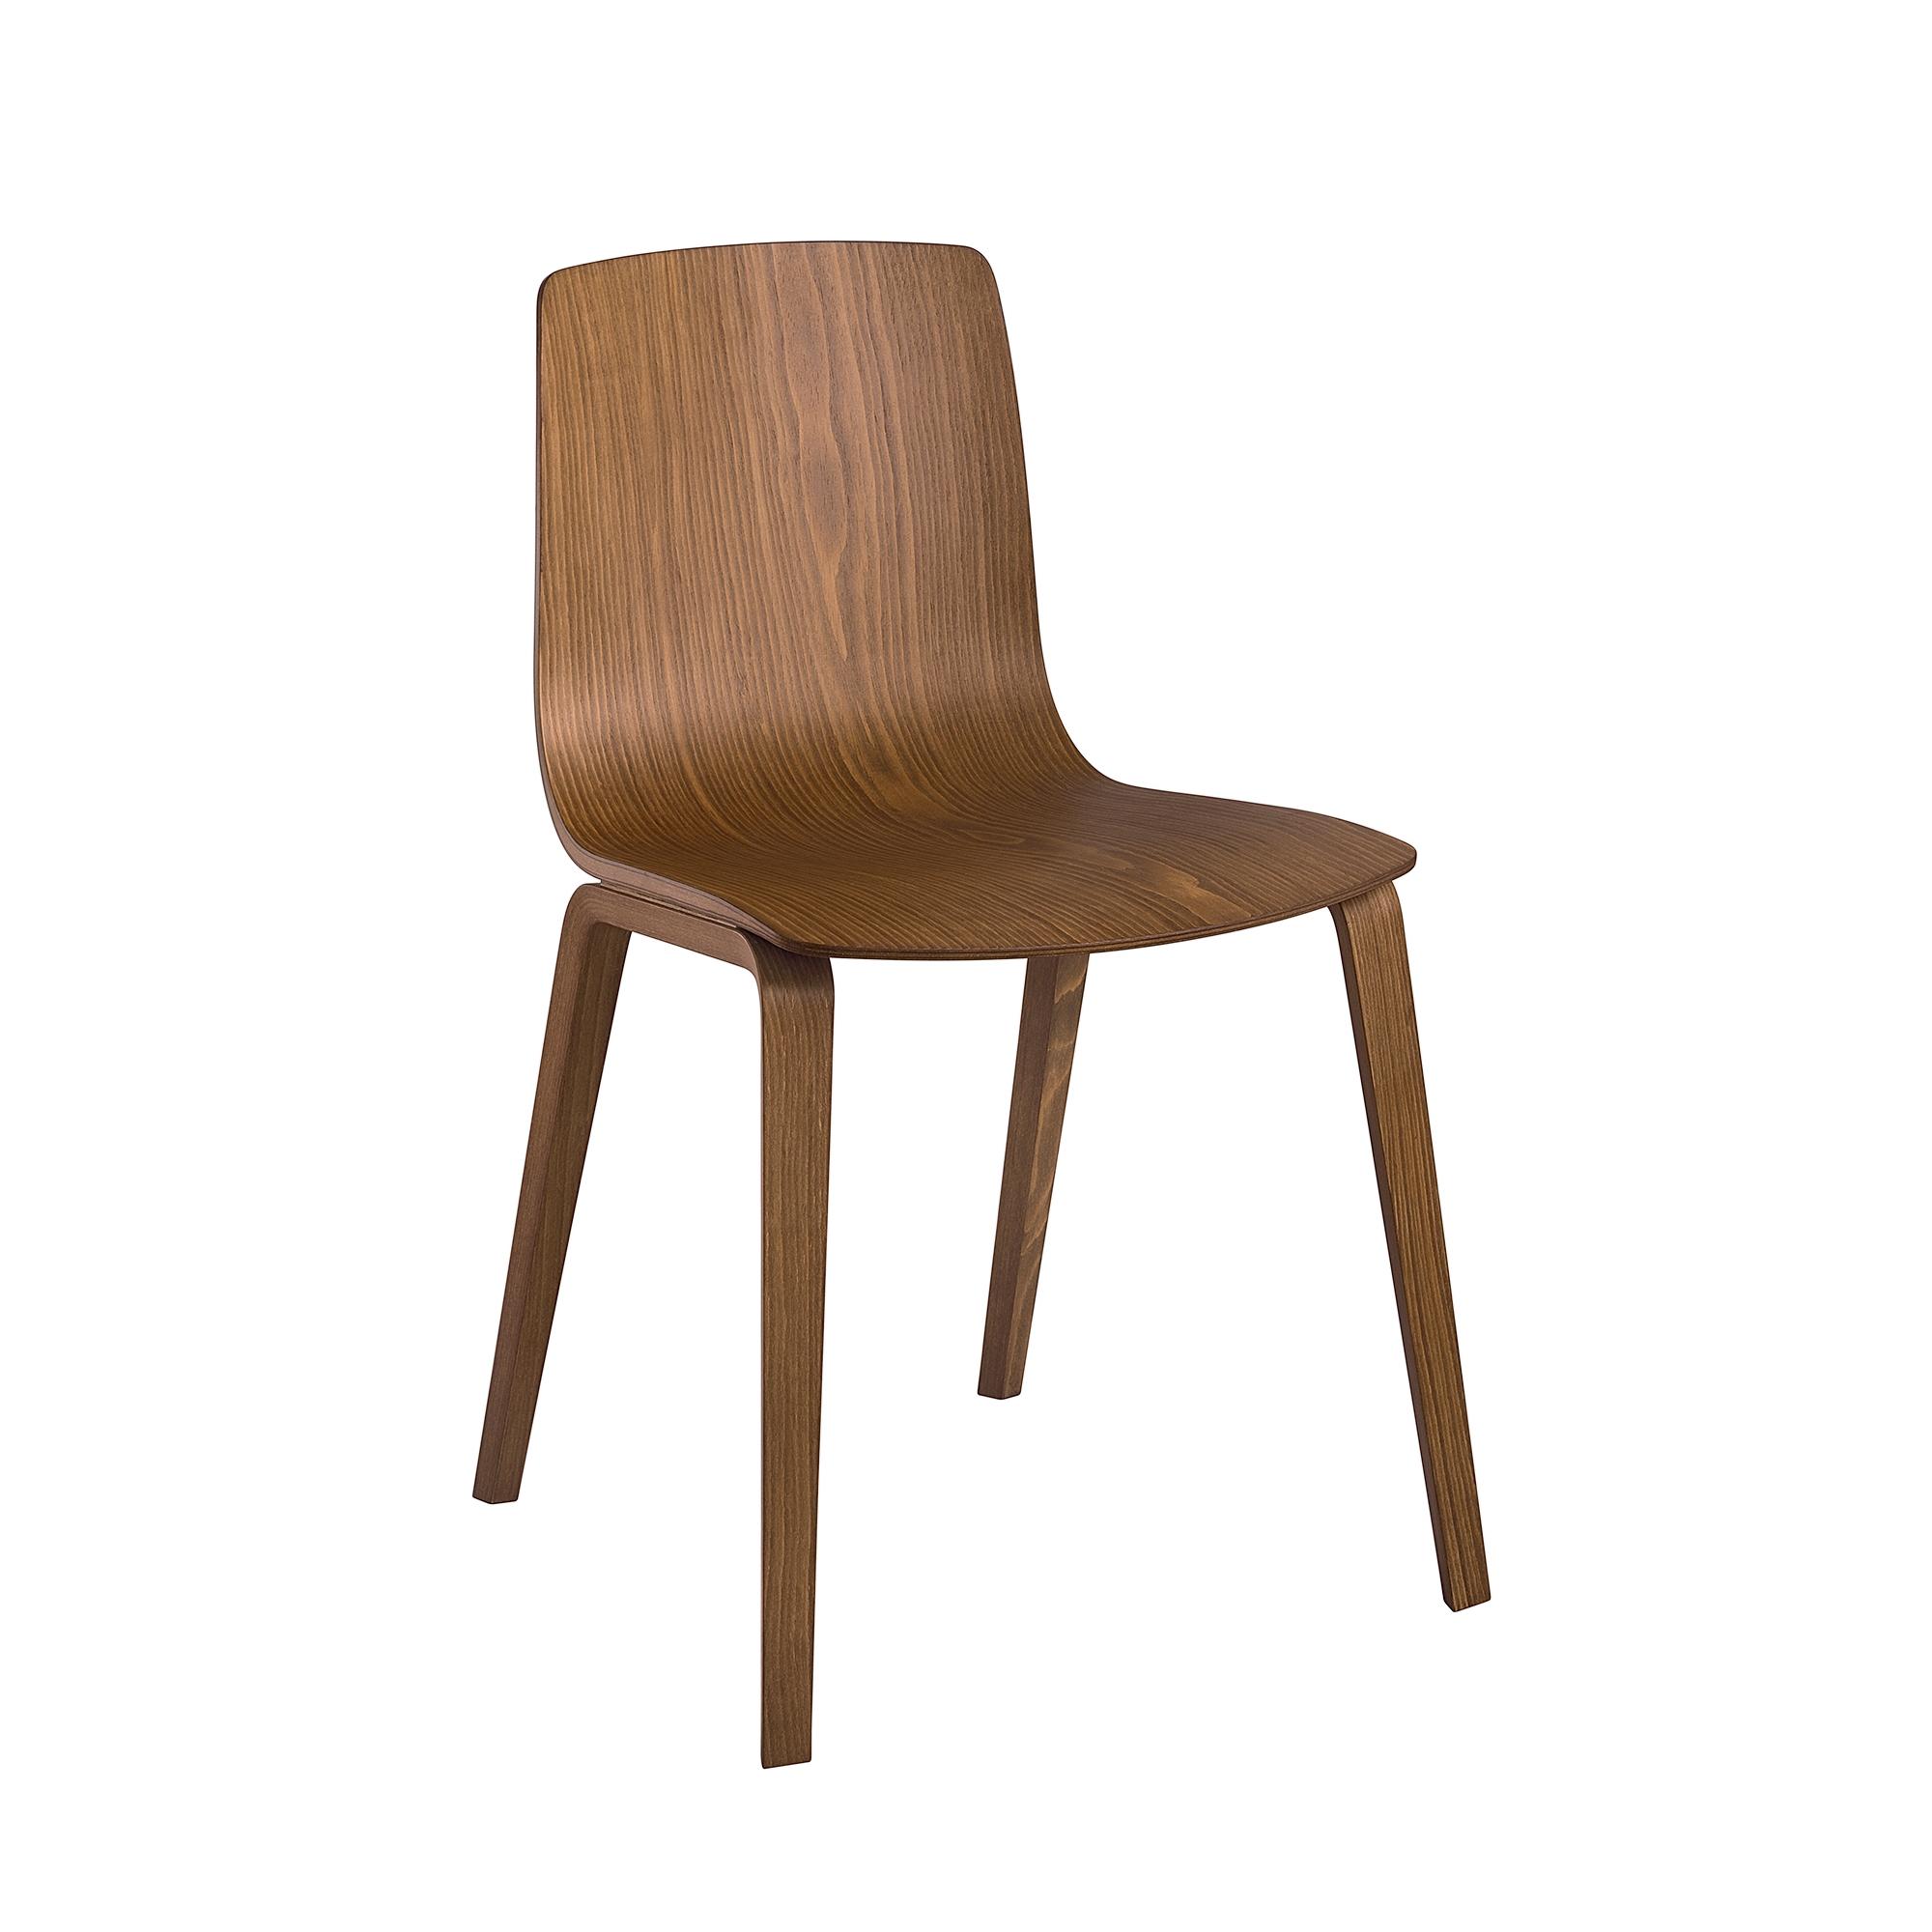 Arper_Aava_chair_4woodlegs_wood_3910.jpg